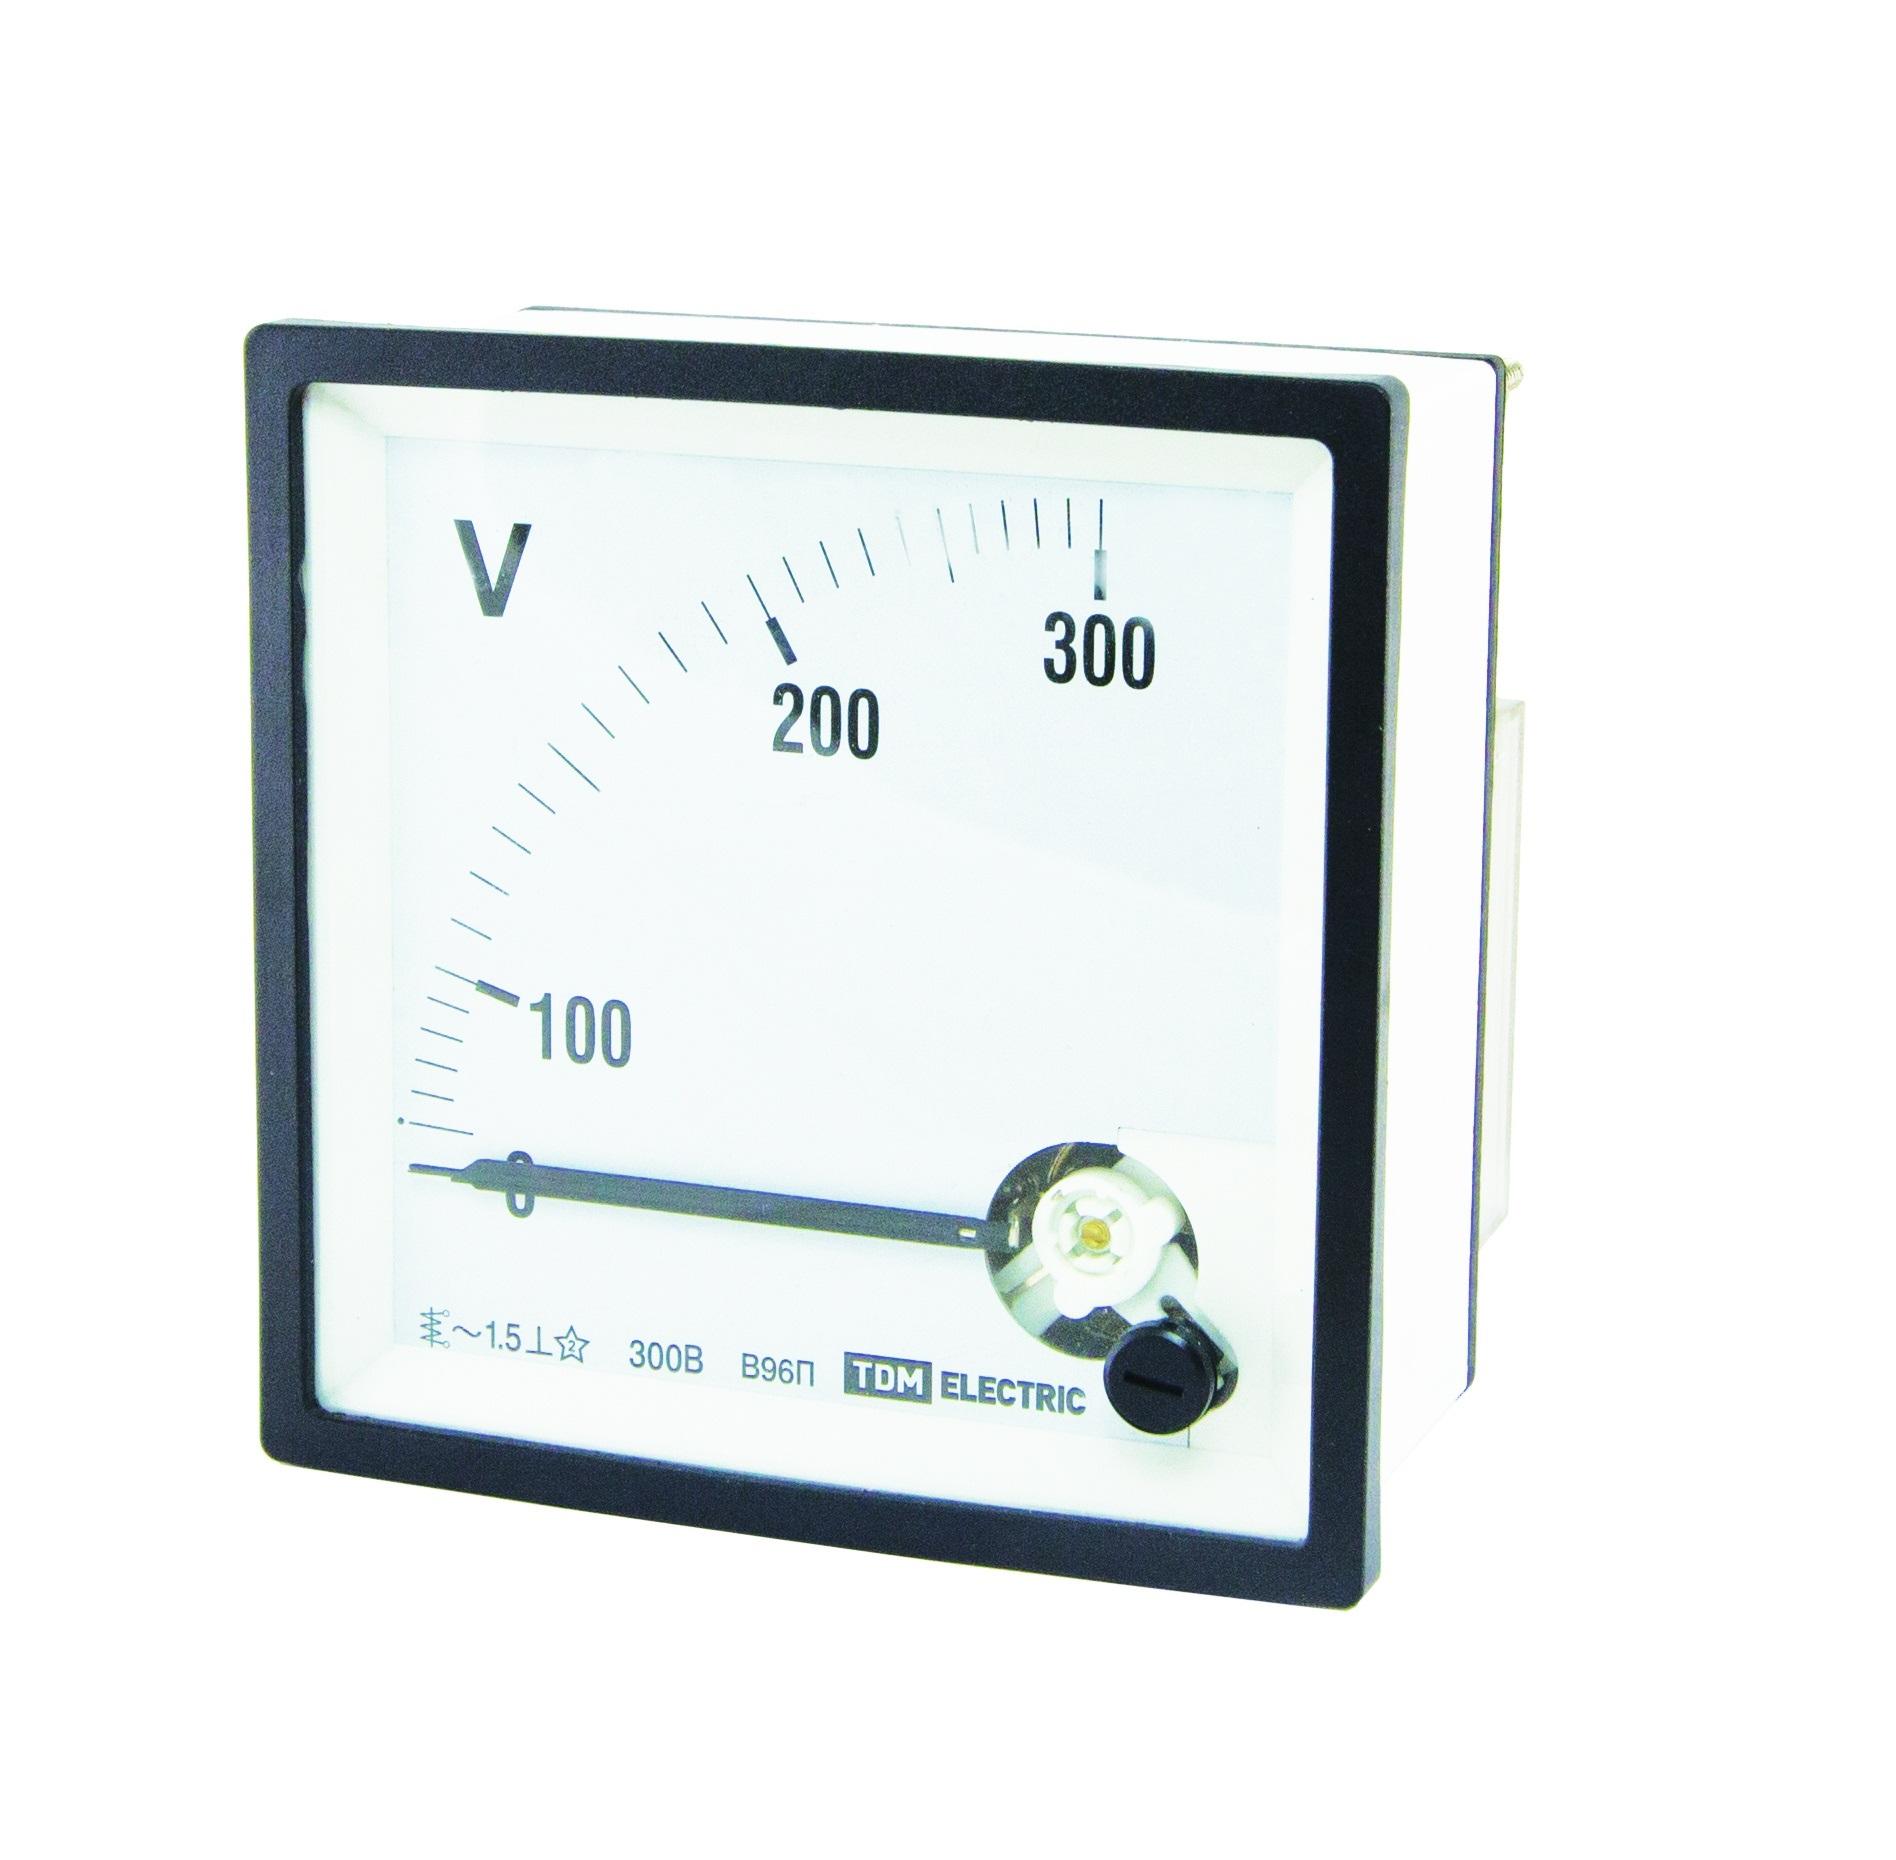 Вольтметр ТДММультиметры (тестеры)<br>Тип: вольтметр,<br>Класс: проф.,<br>Дисплей: стрелочный,<br>Измерение напряжения (постоянного/переменного): есть<br>